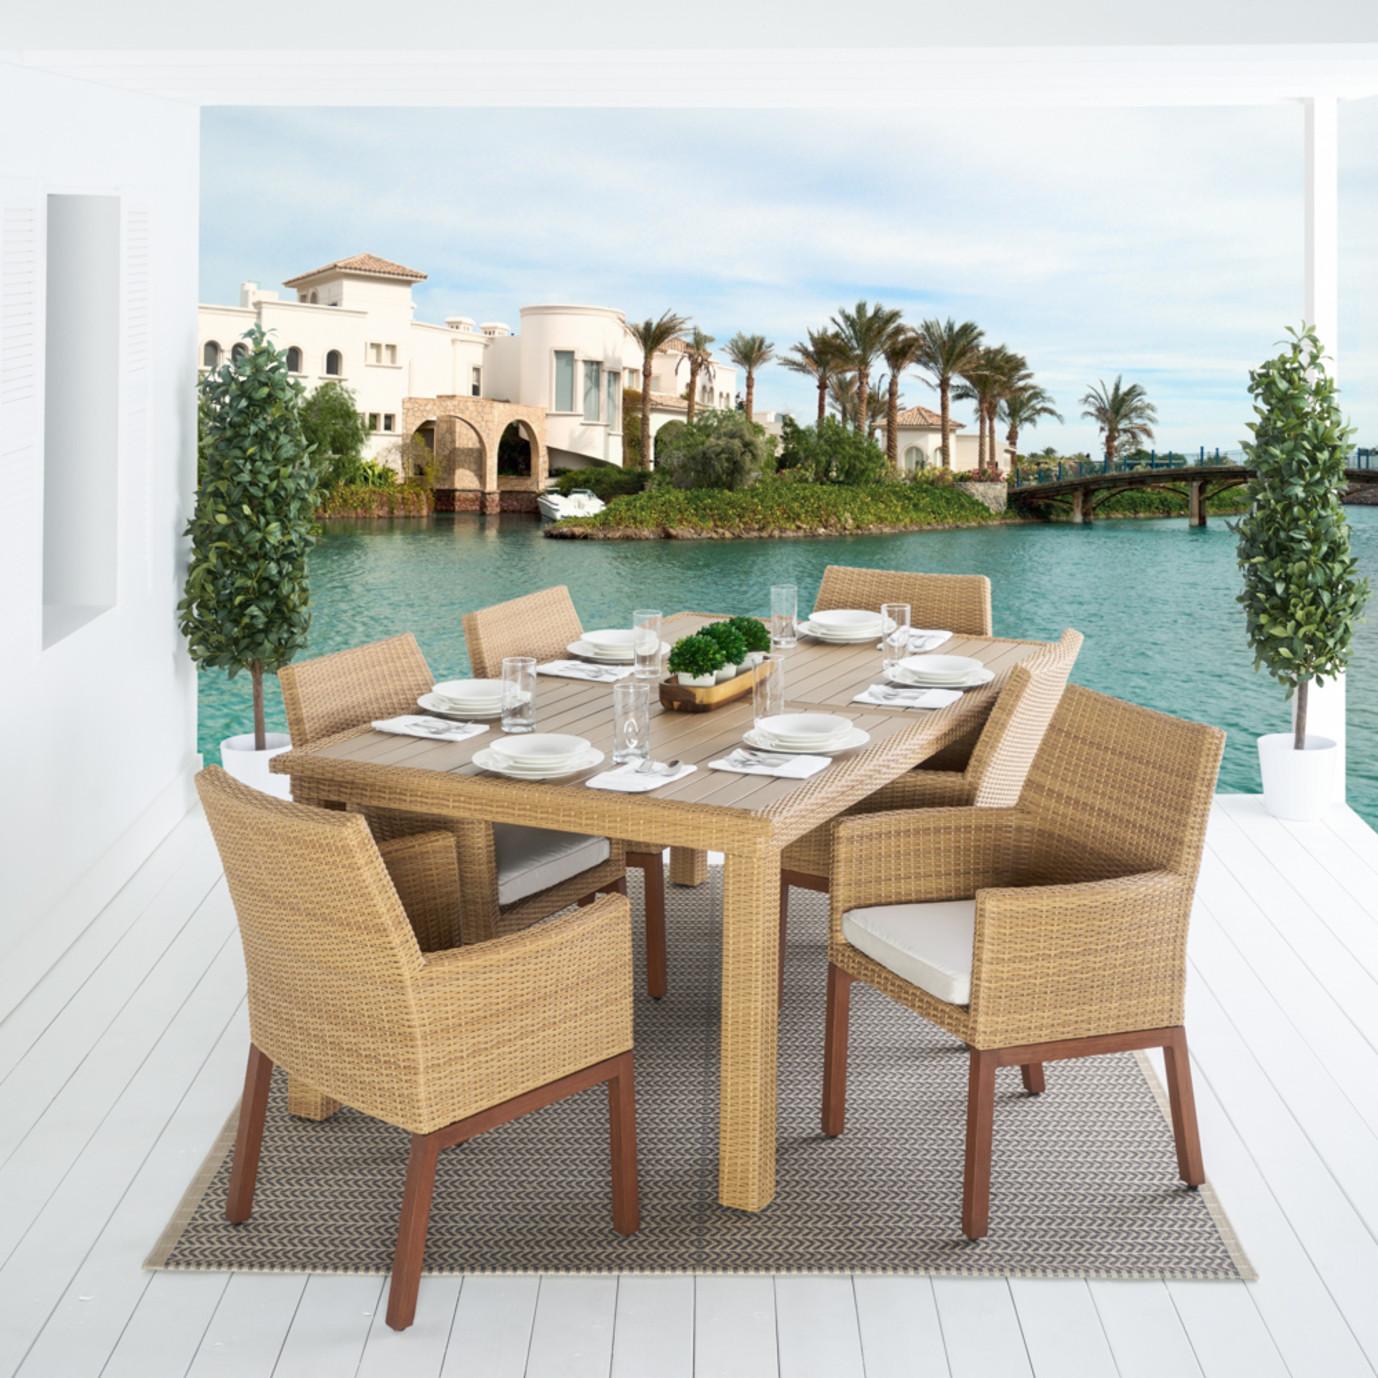 Mili™ 7pc Dining Set - Moroccan Cream